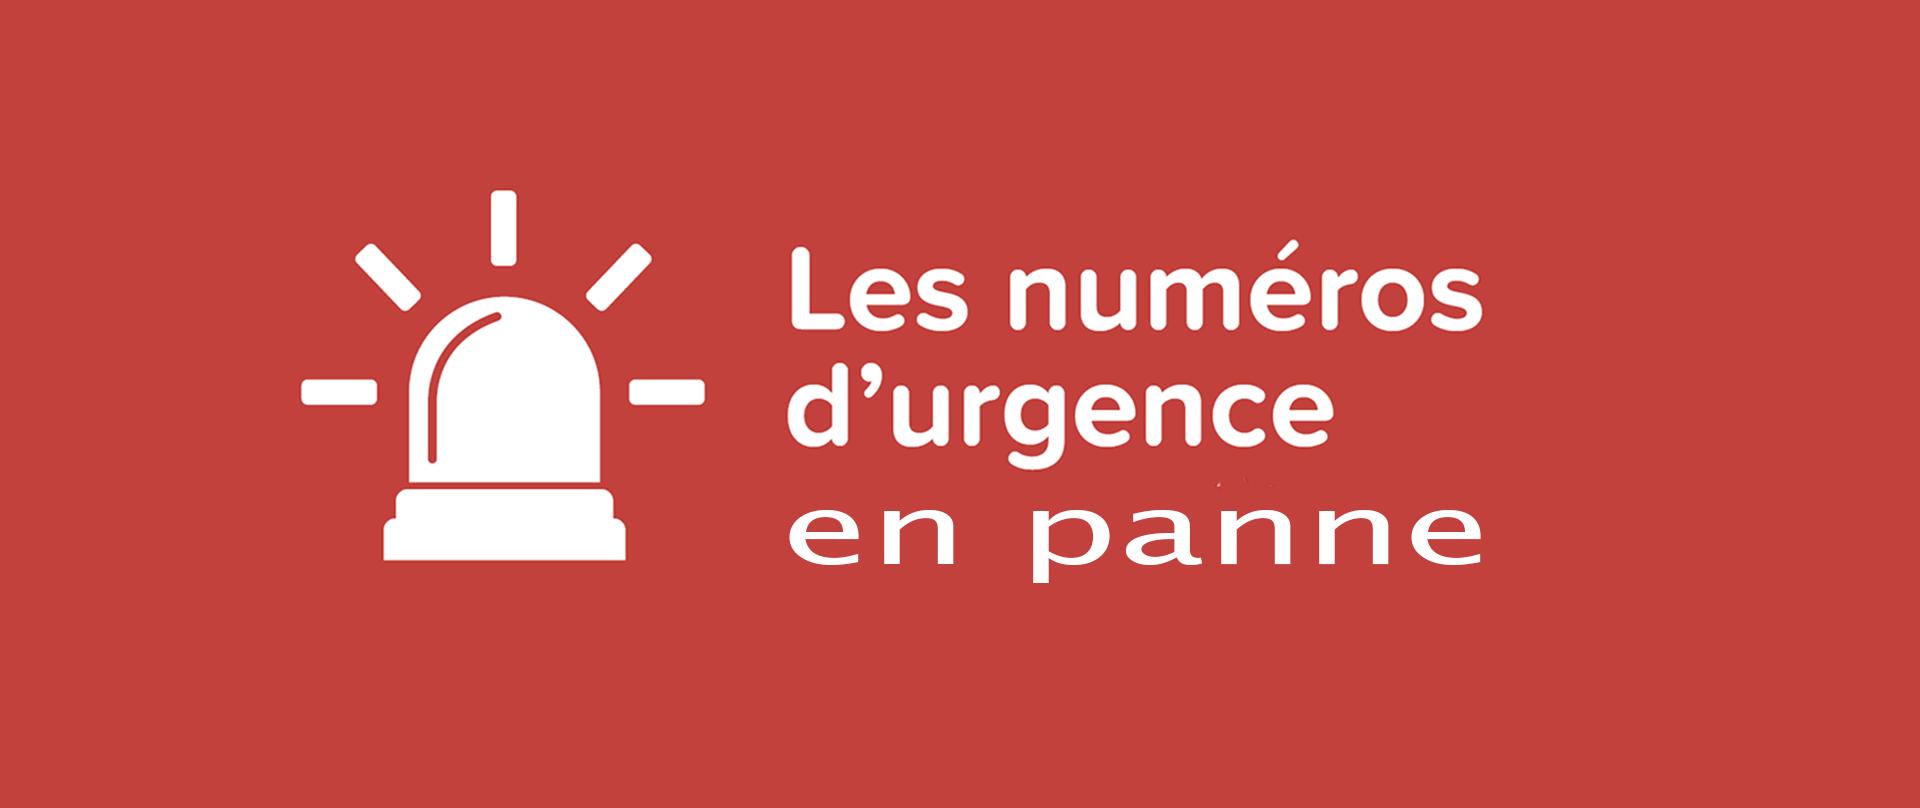 DYSFONCTIONNEMENT DES NUMEROS D'URGENCE ce 02/06/2021